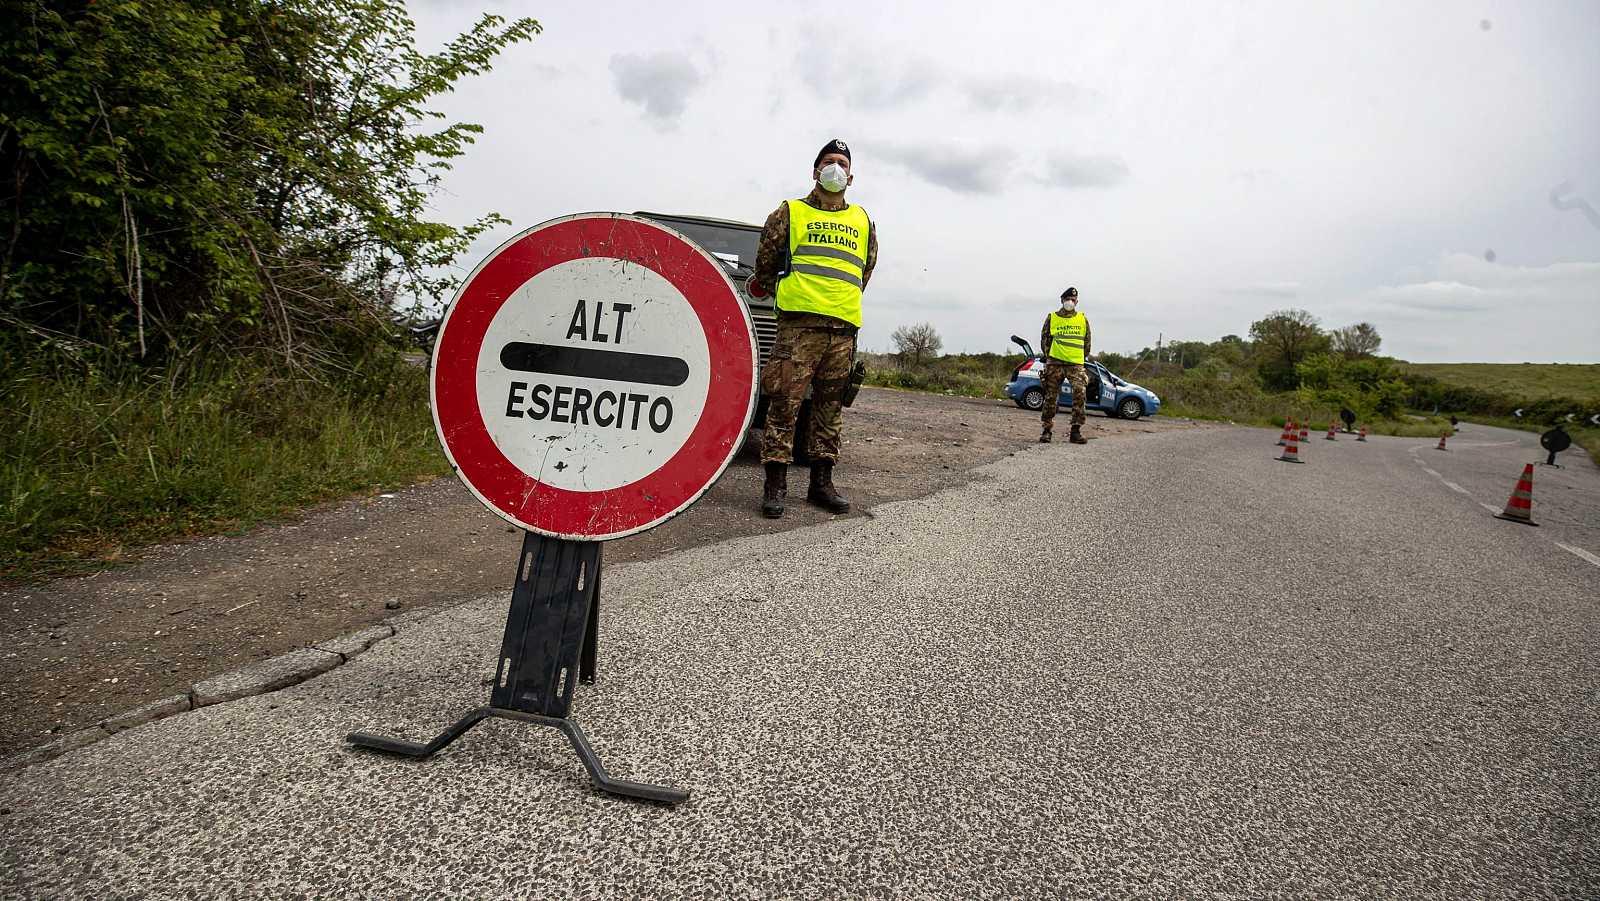 Coronavirus en Italia: Soldados italianos bloquean el acceso por carretera a Campagnao di Roma, pequeño municipio cerca de la capital italiana.